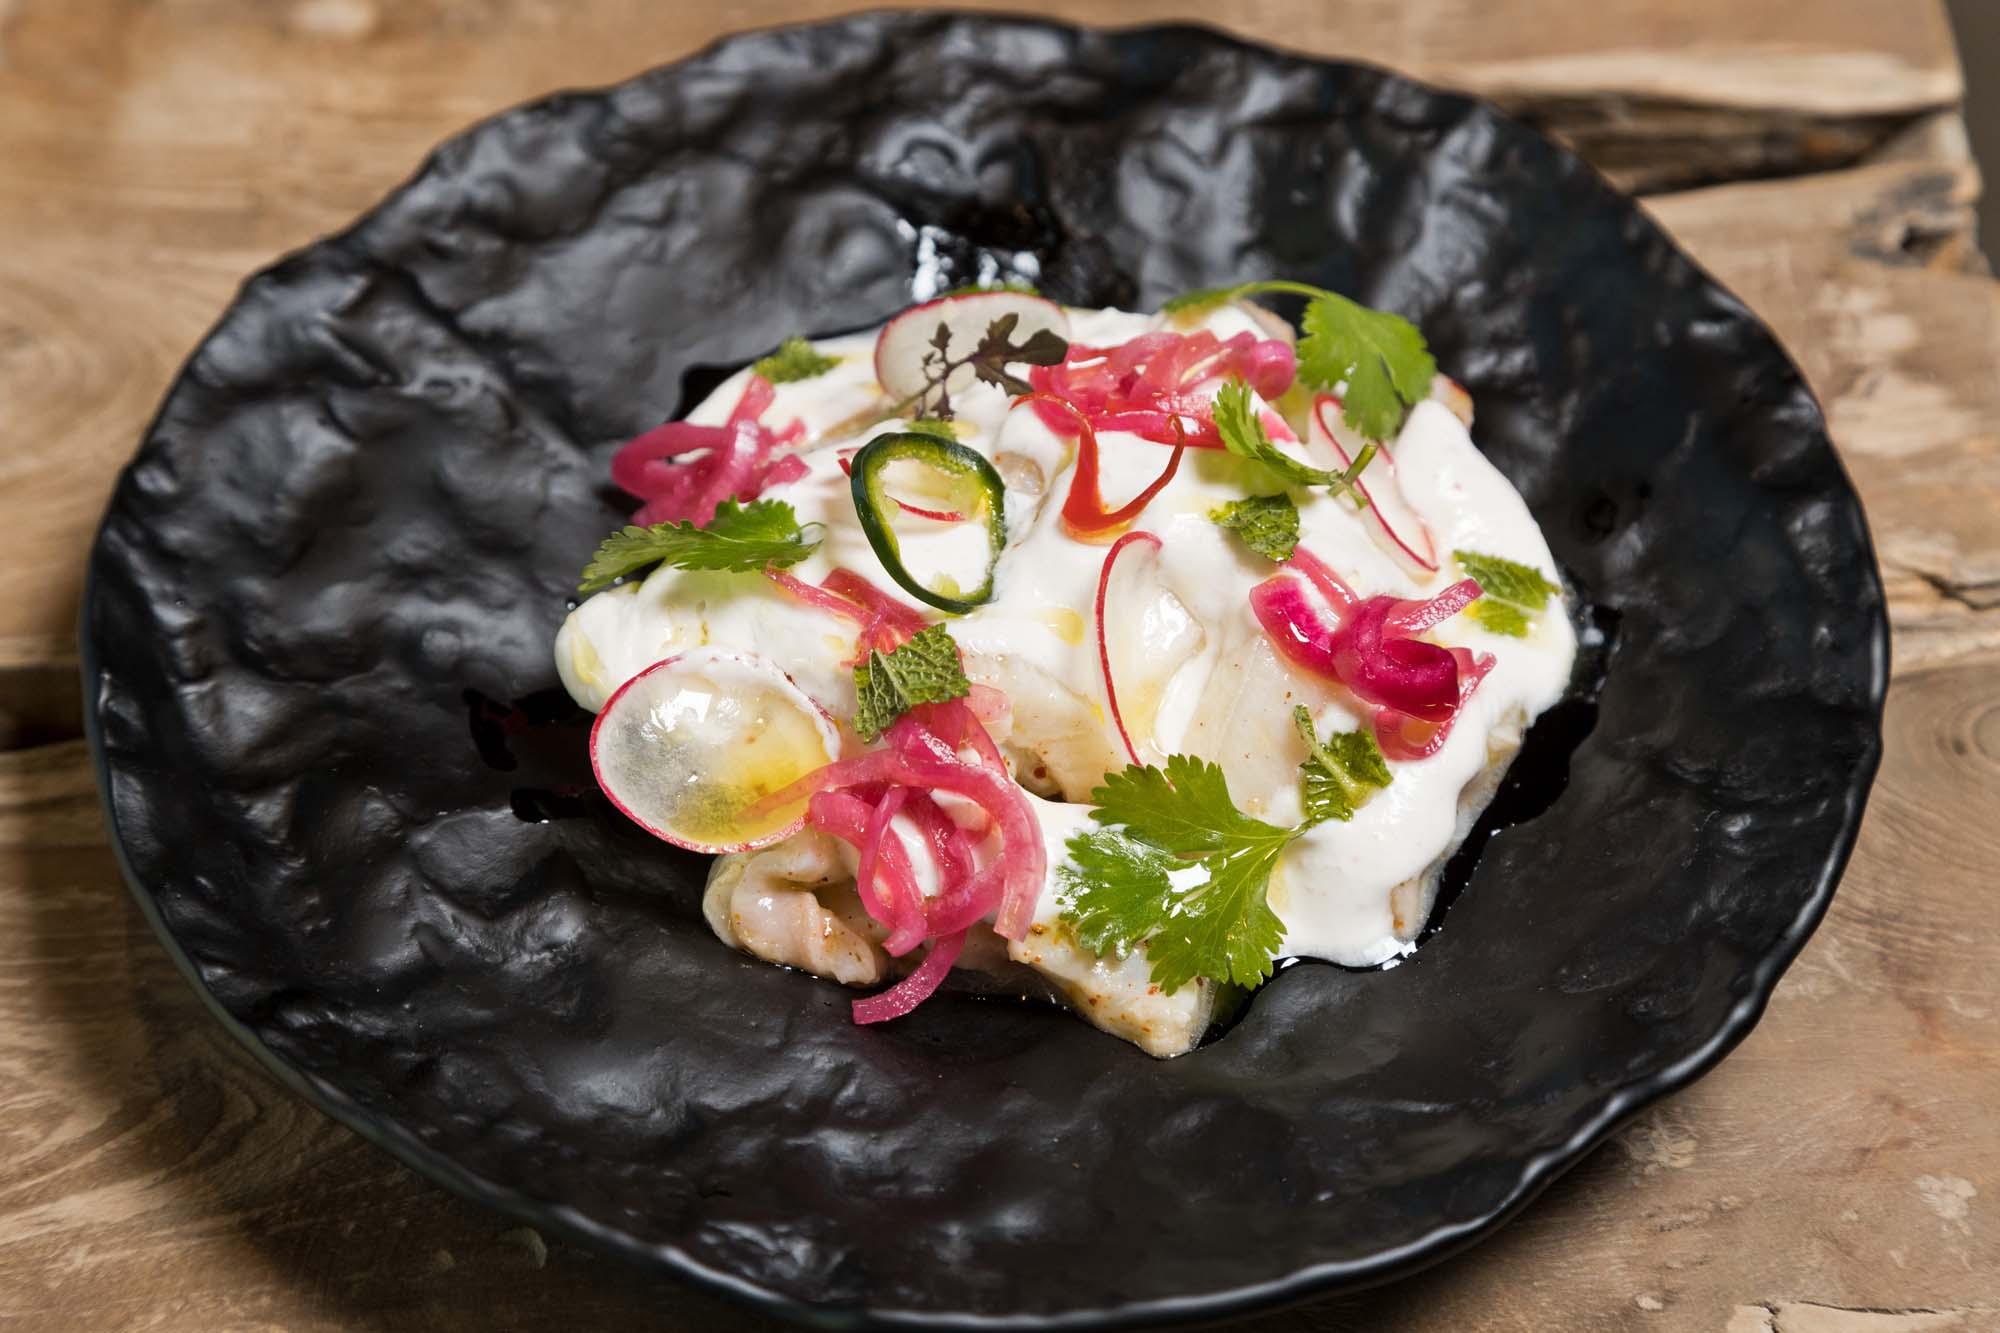 Tiradito de peix llimona amb xili fresc